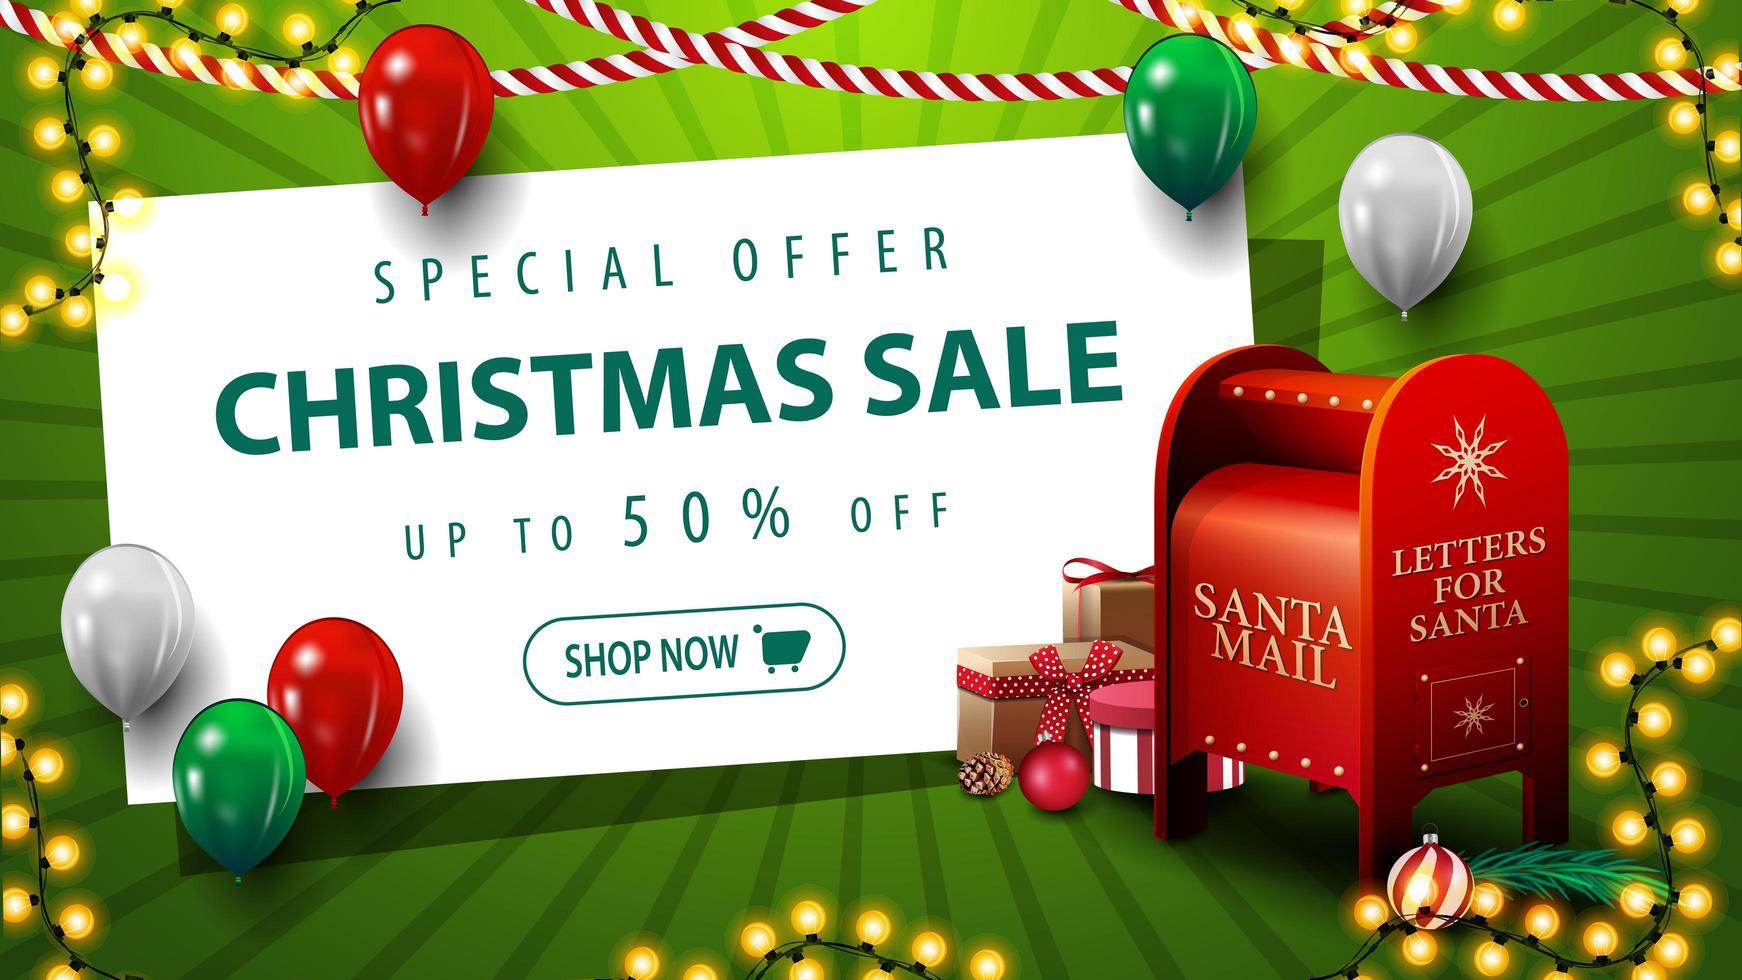 Sonderangebot, Weihnachtsverkauf, bis zu 50 Rabatt, grünes Rabattbanner mit Luftballons, Girlande, weißem Papier und Weihnachtsbriefkasten mit Geschenken vektor